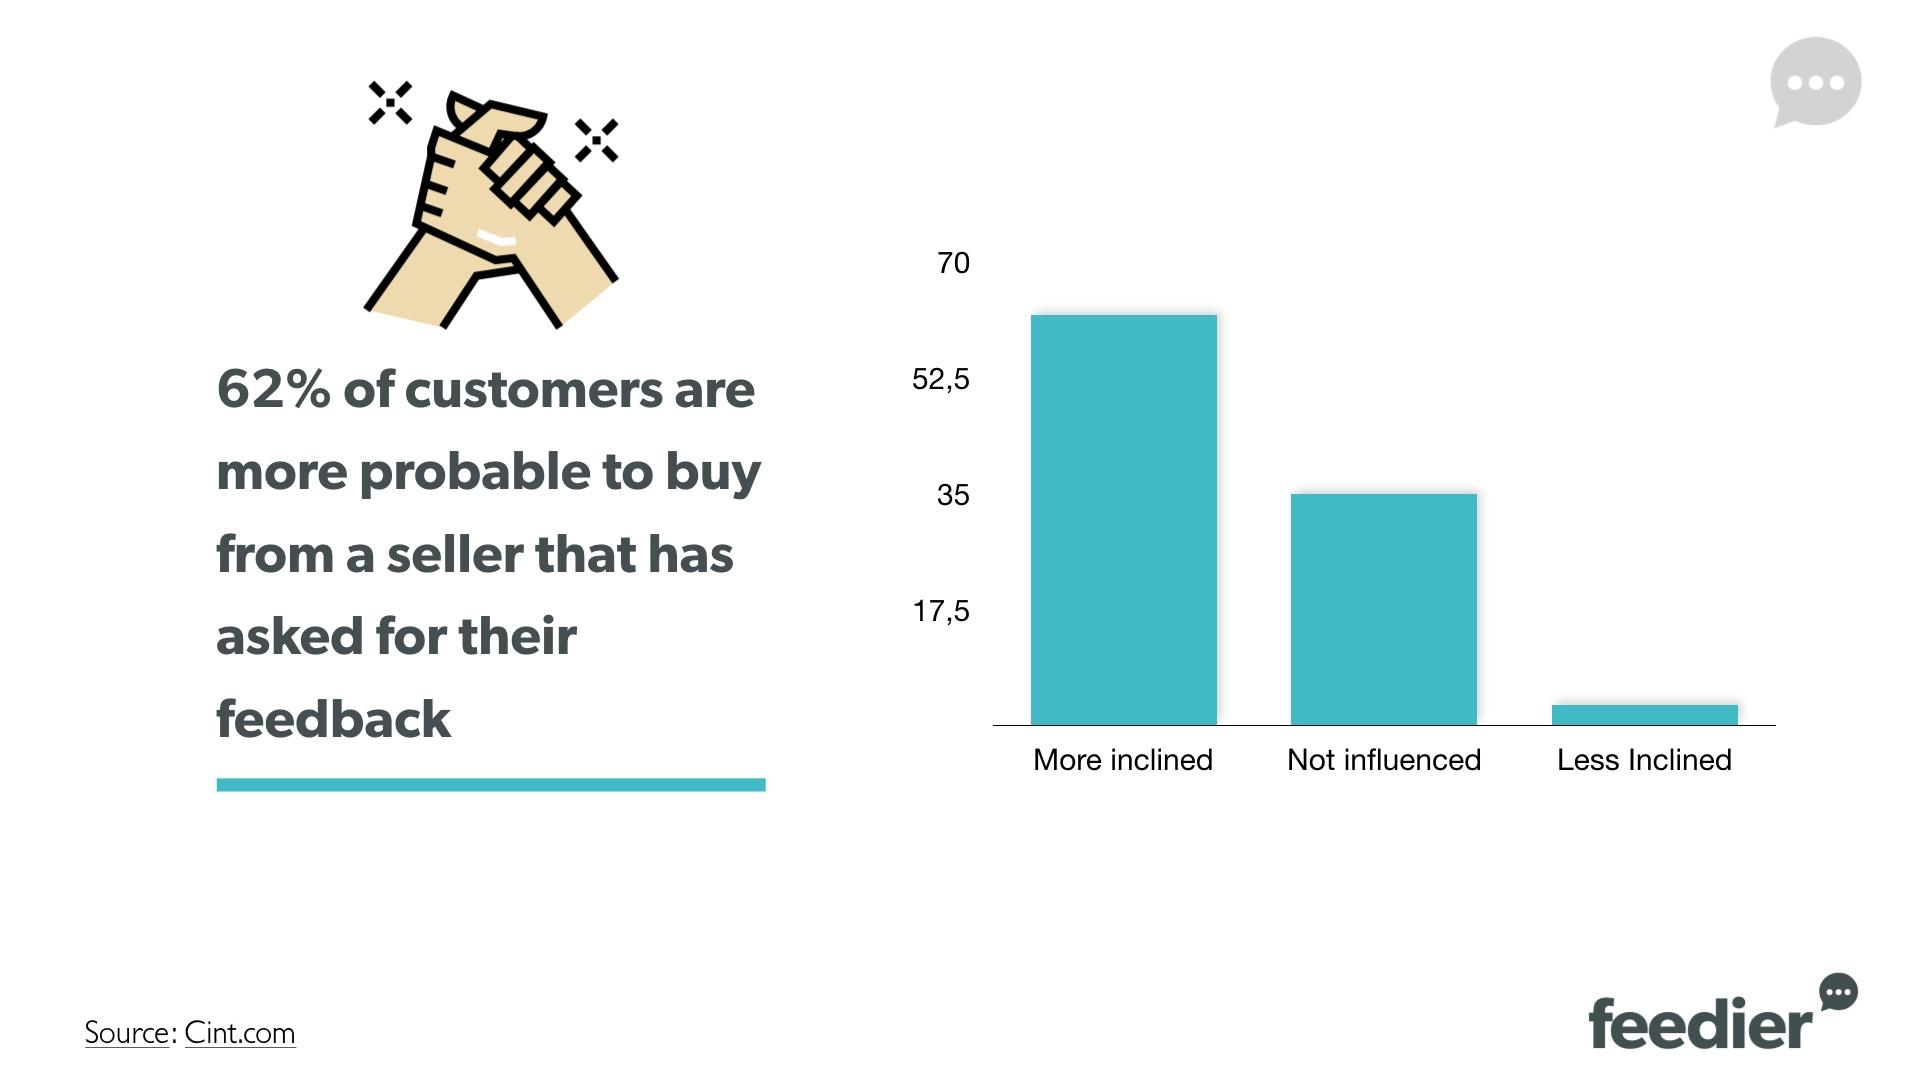 62% des clients sont plus susceptibles d'acheter à un vendeur qui leur a demandé leur avis.